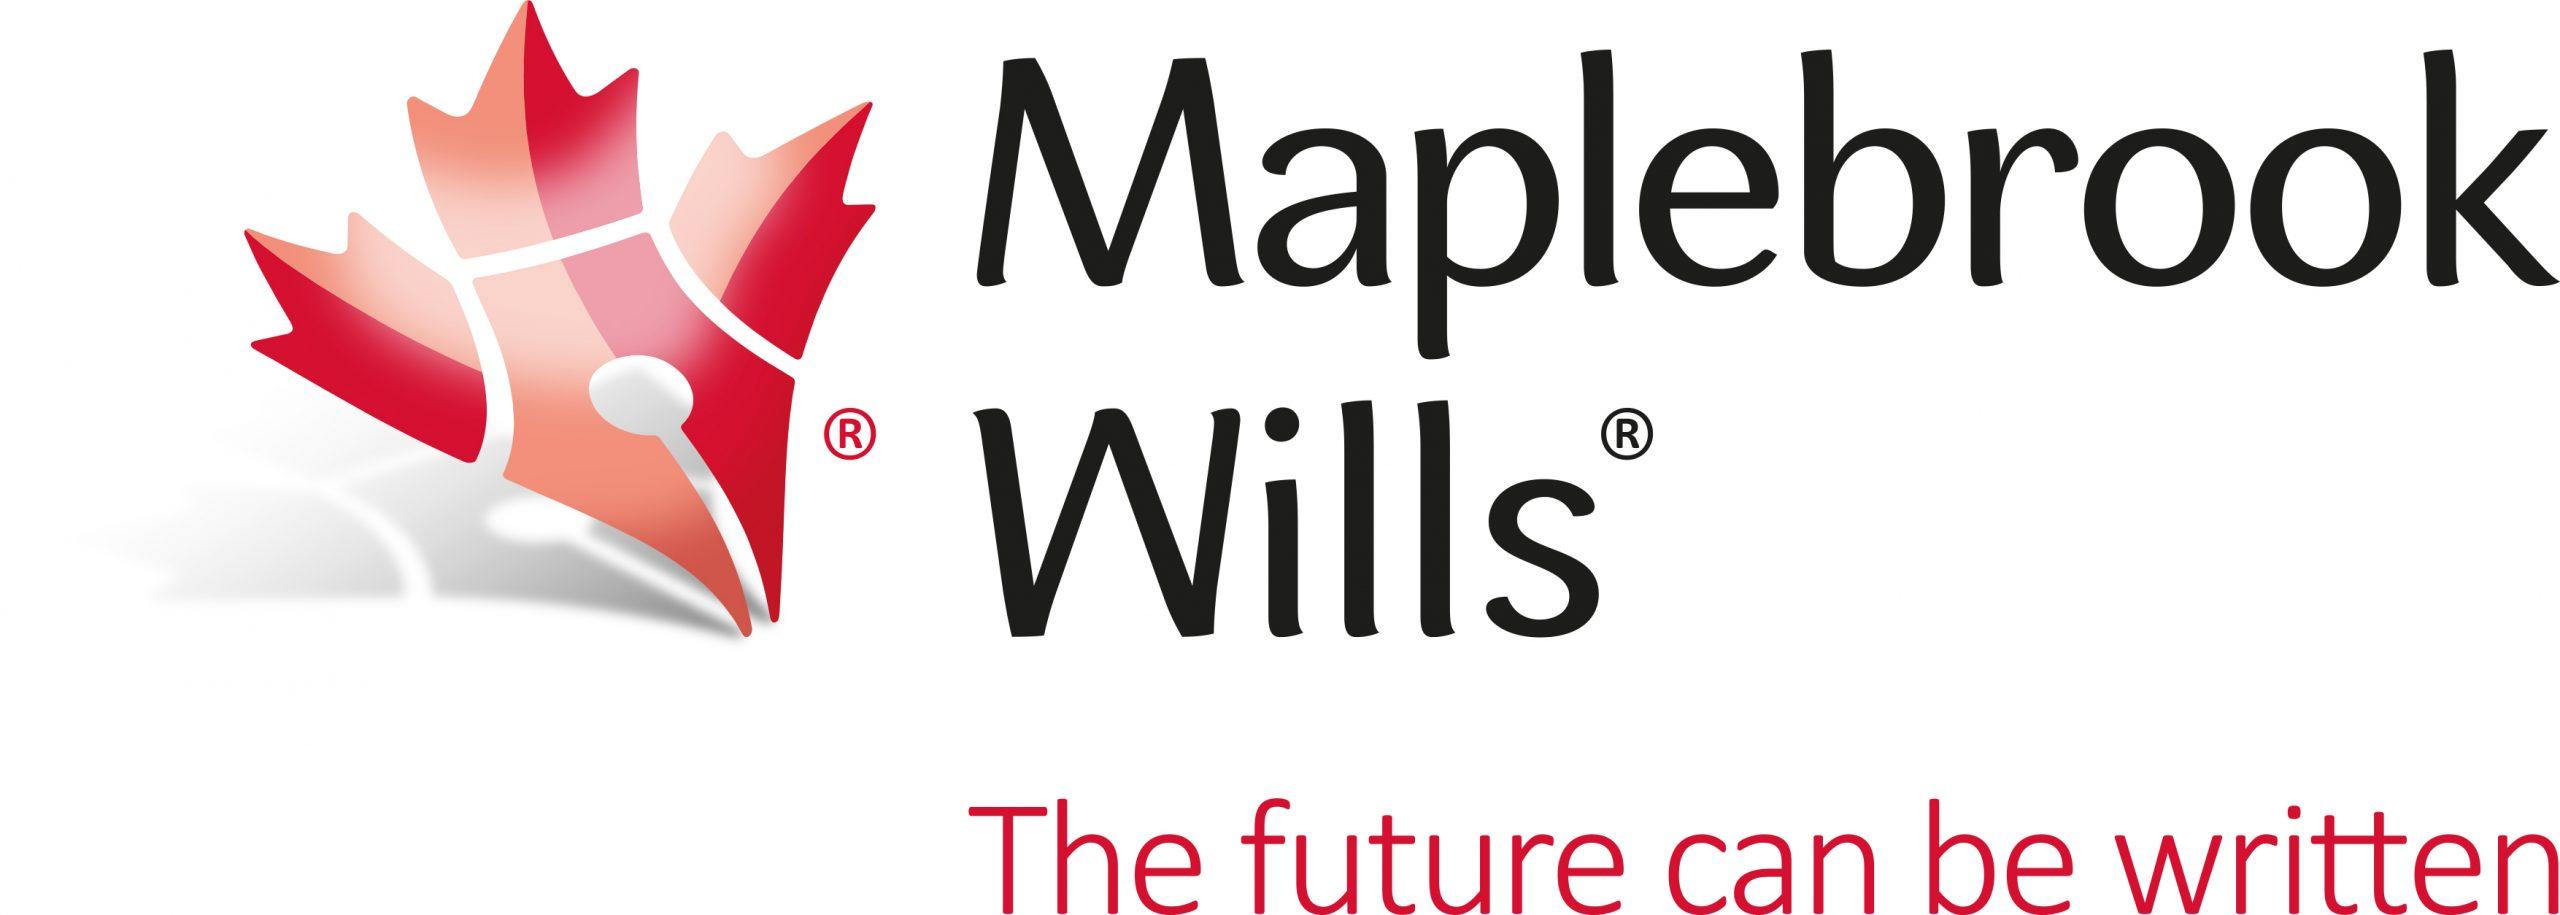 Maplebrook Wills Bedfordshire